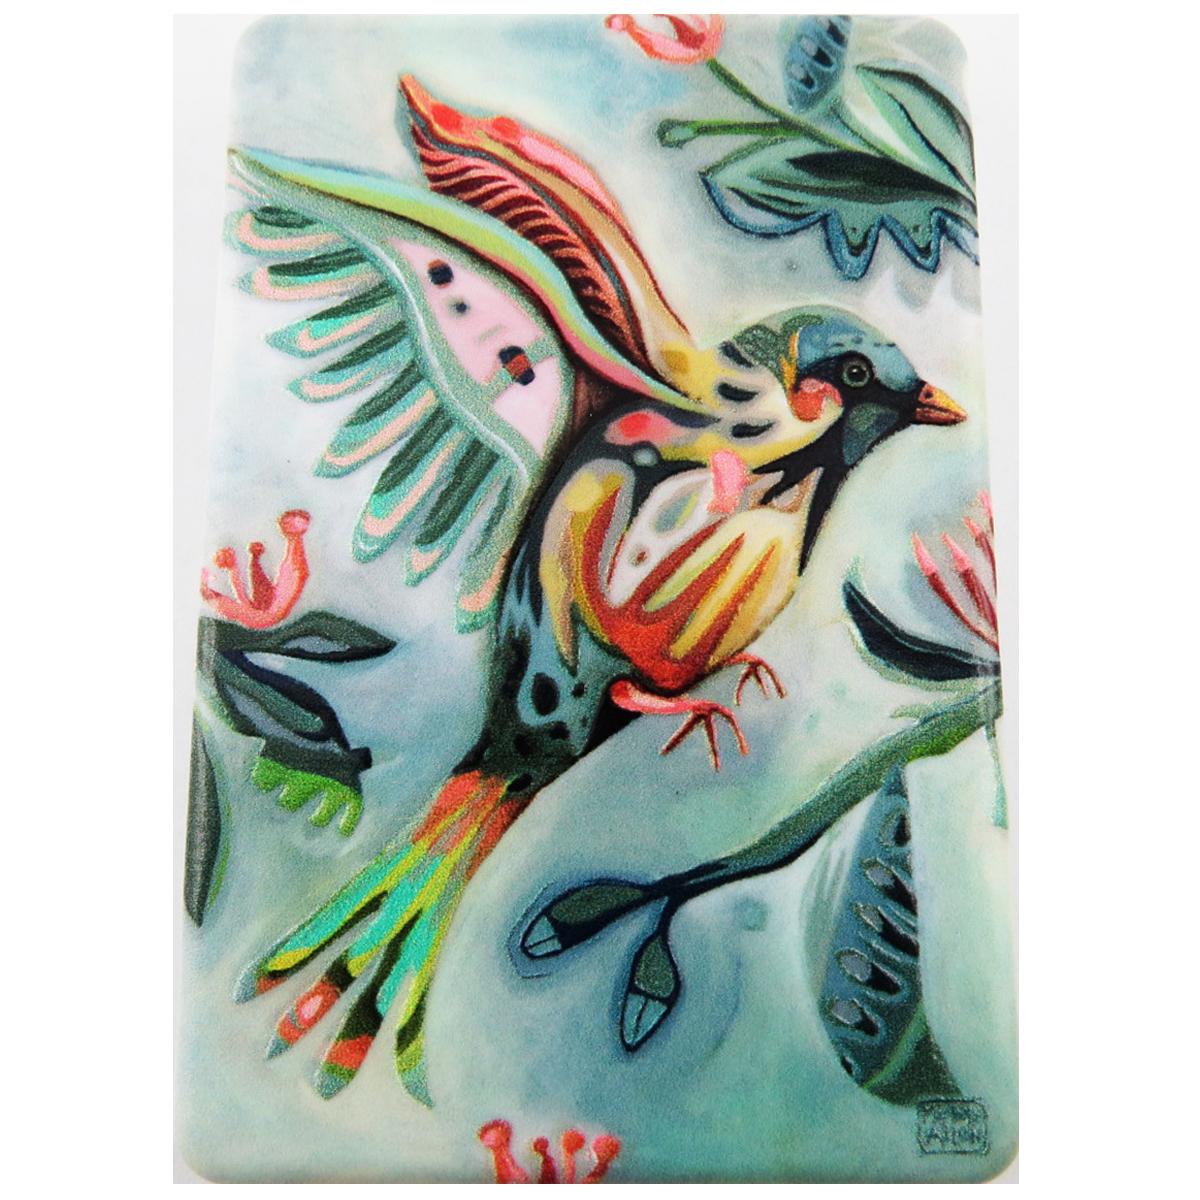 Miroir de poche \'Allen Designs\' vert multicolore (oiseau) - 85x55 cm - [R1973]